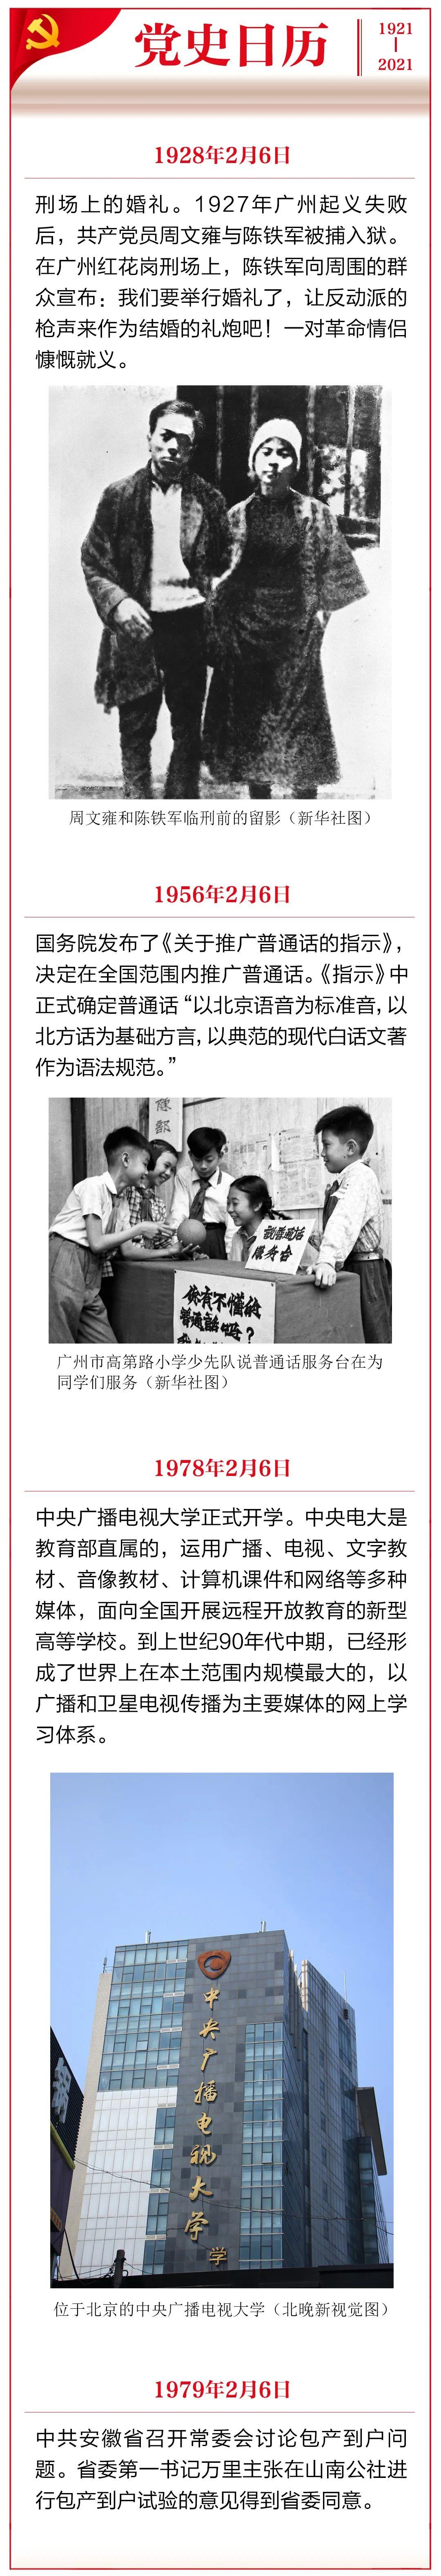 百年荣光丨党史上的今天(2月6-7日)图片